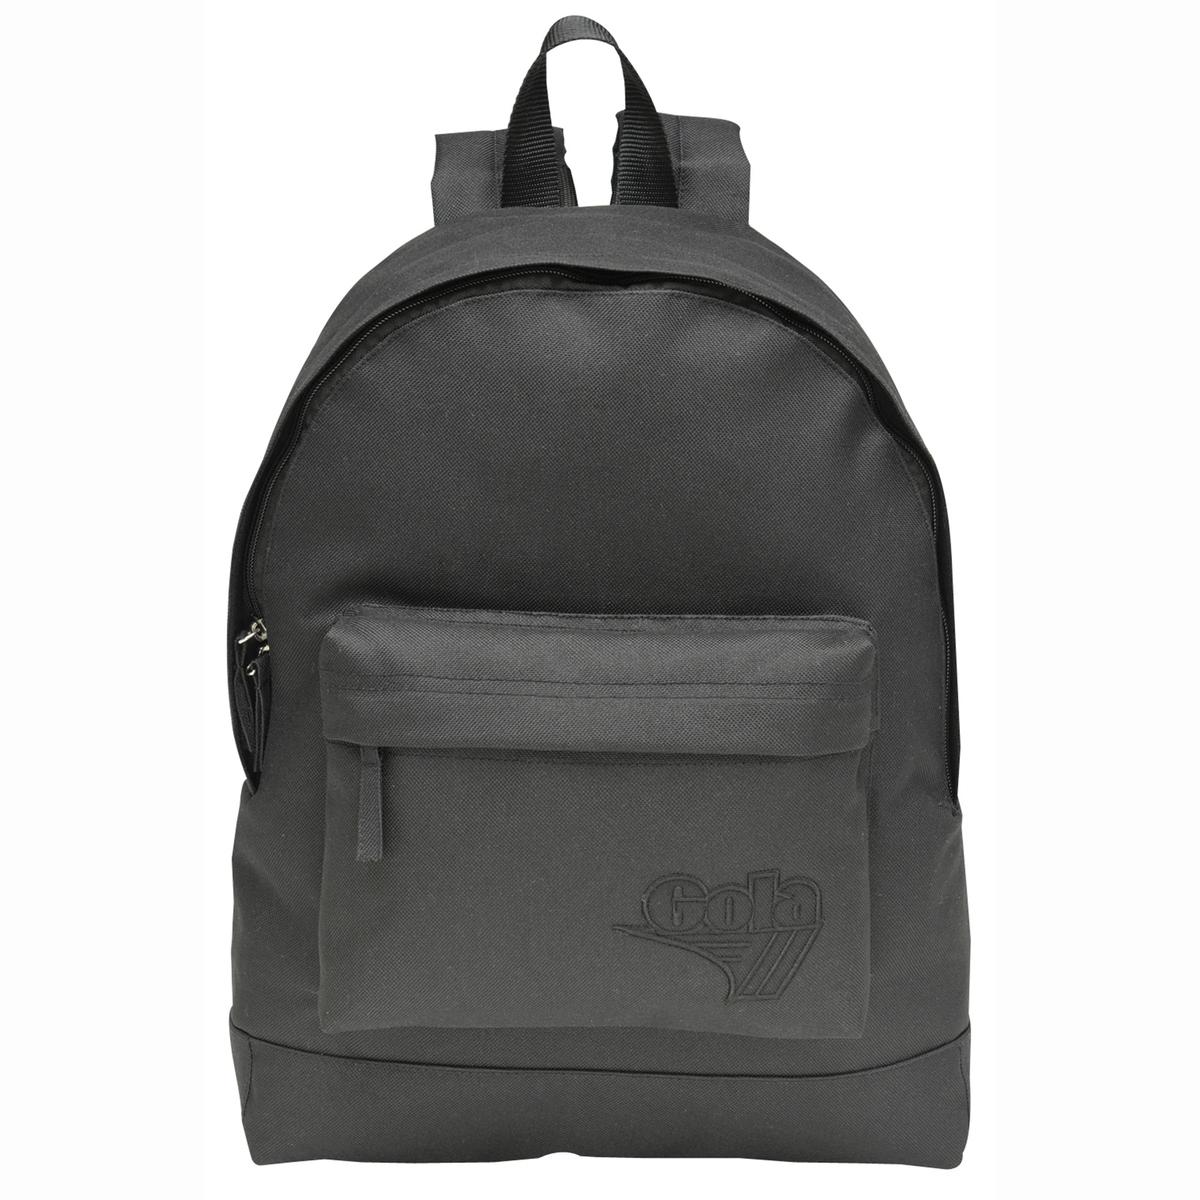 Рюкзак WALKER RIOПреимущества : рюкзак от GOLA, сочетающий простой дизайн и завершенное исполнение деталей, рельефный логотип марки и карман на молнии .<br><br>Цвет: черный